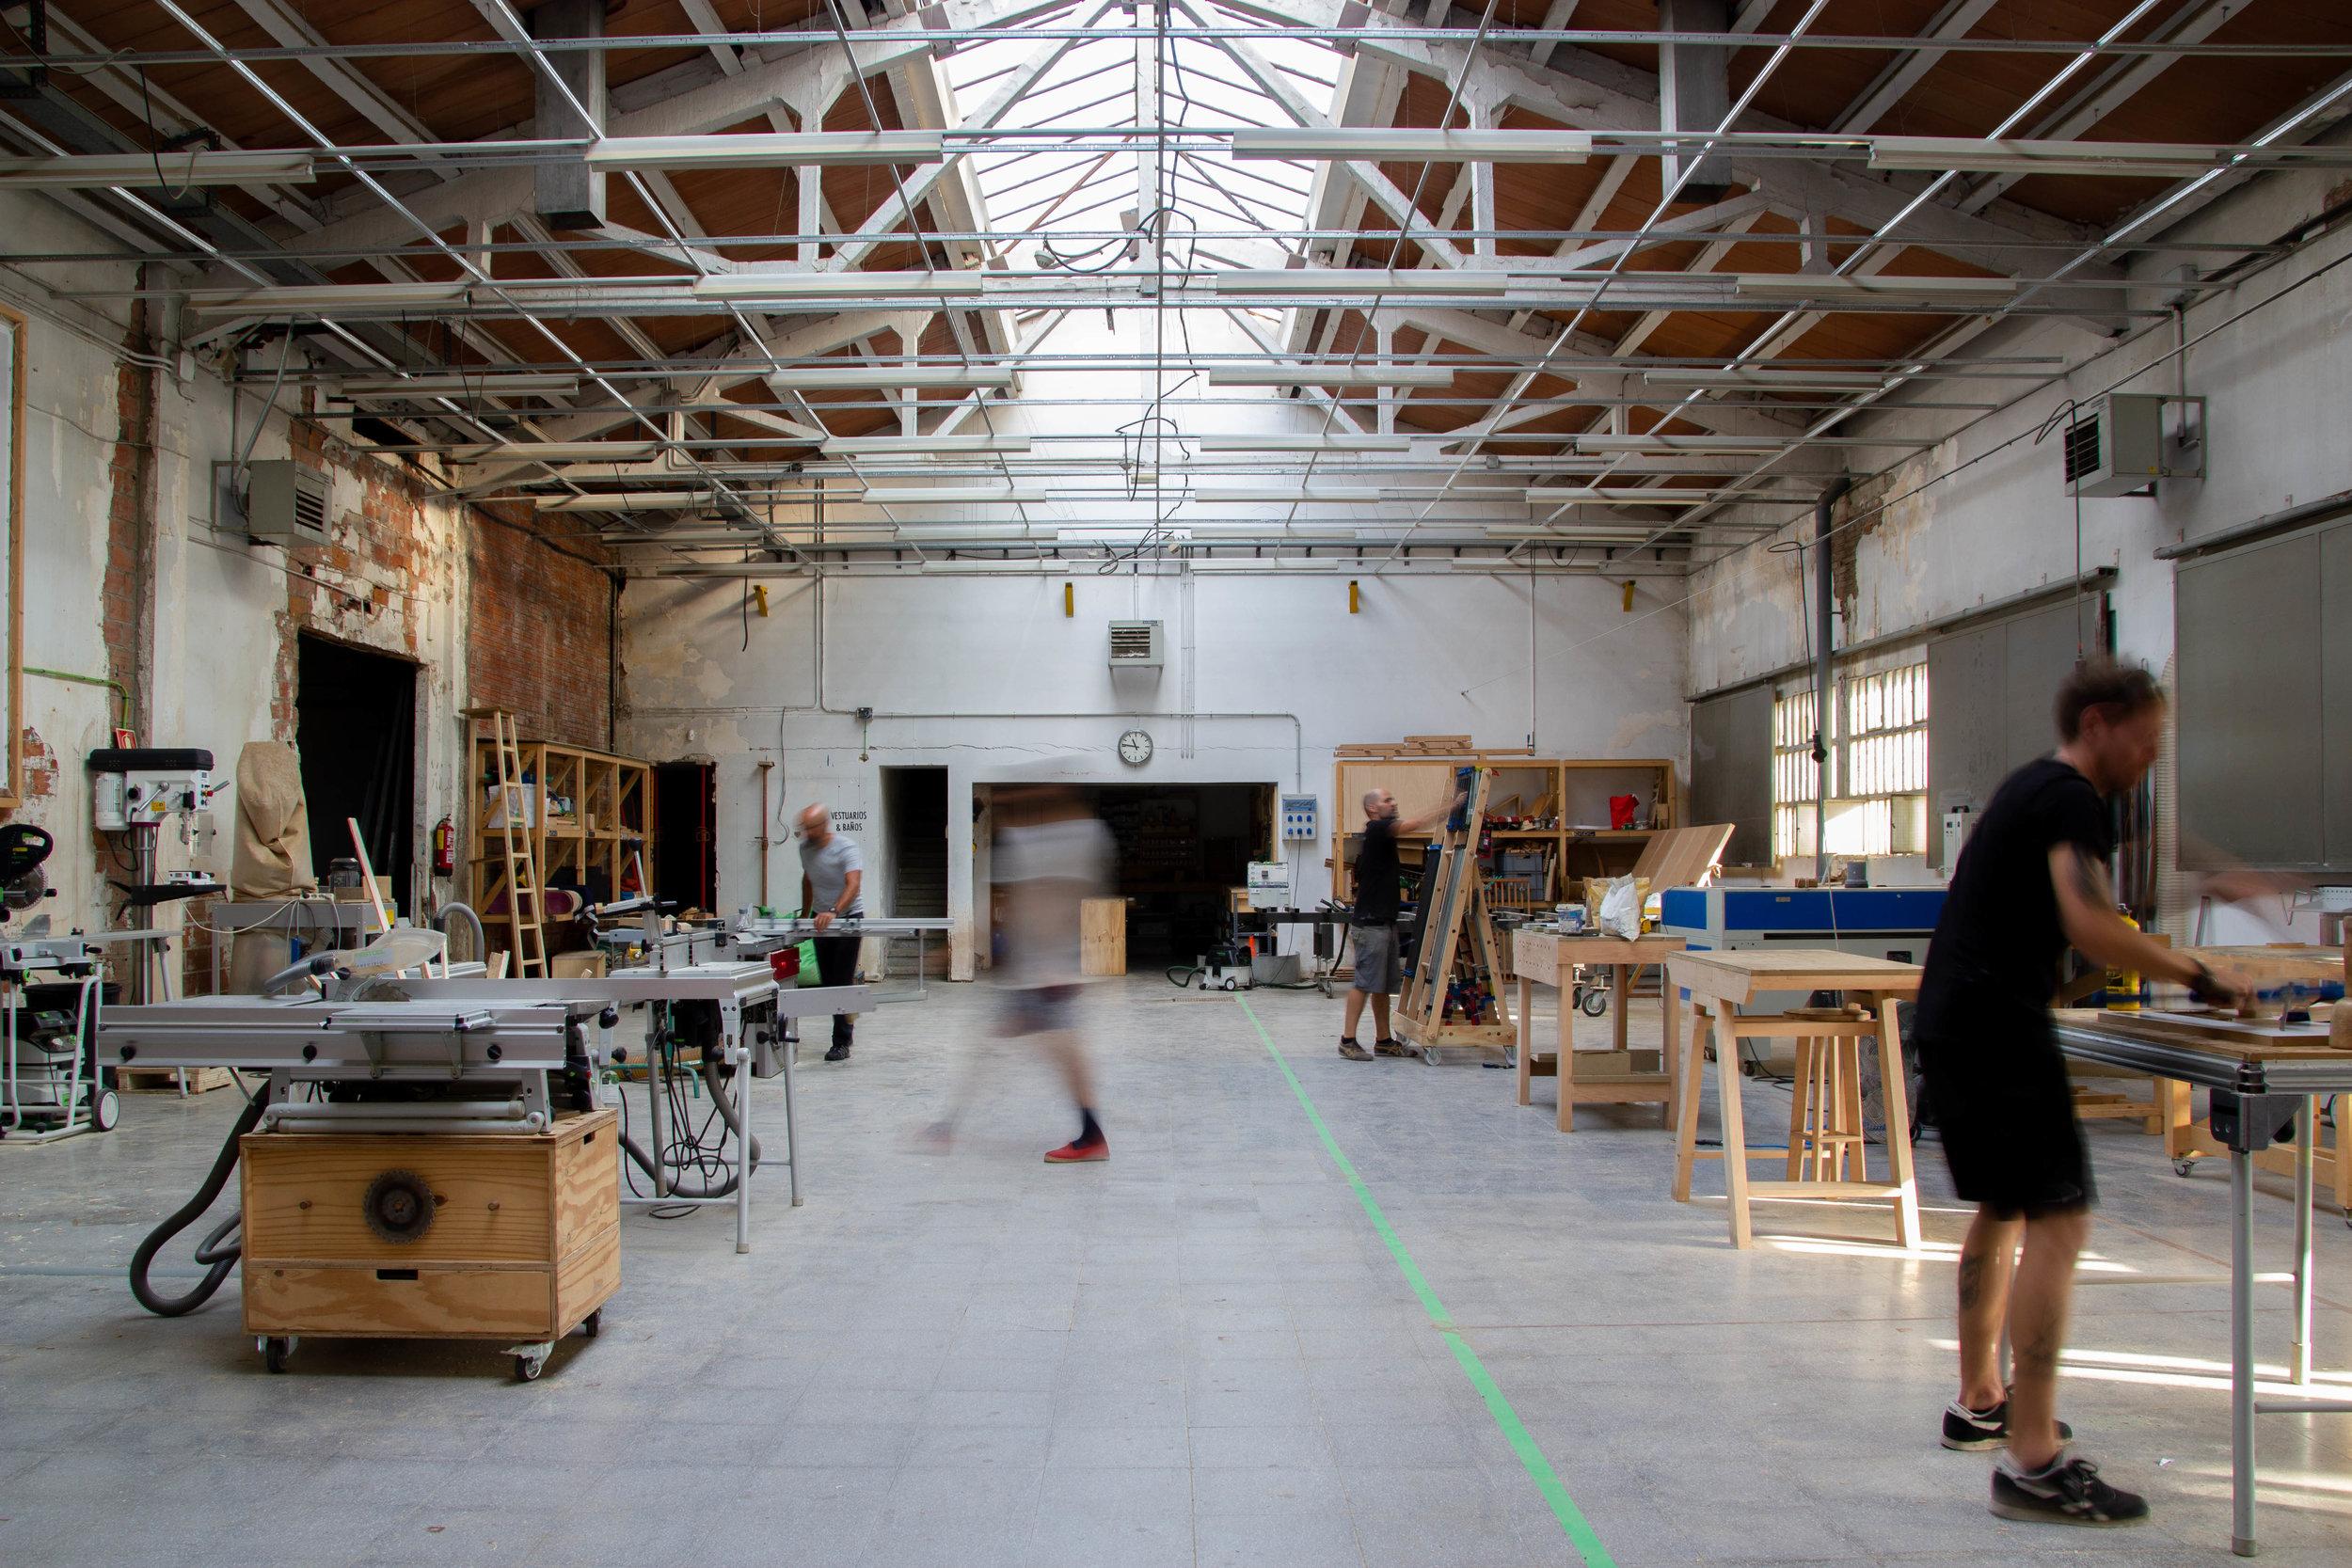 taller compartido de carpinteria